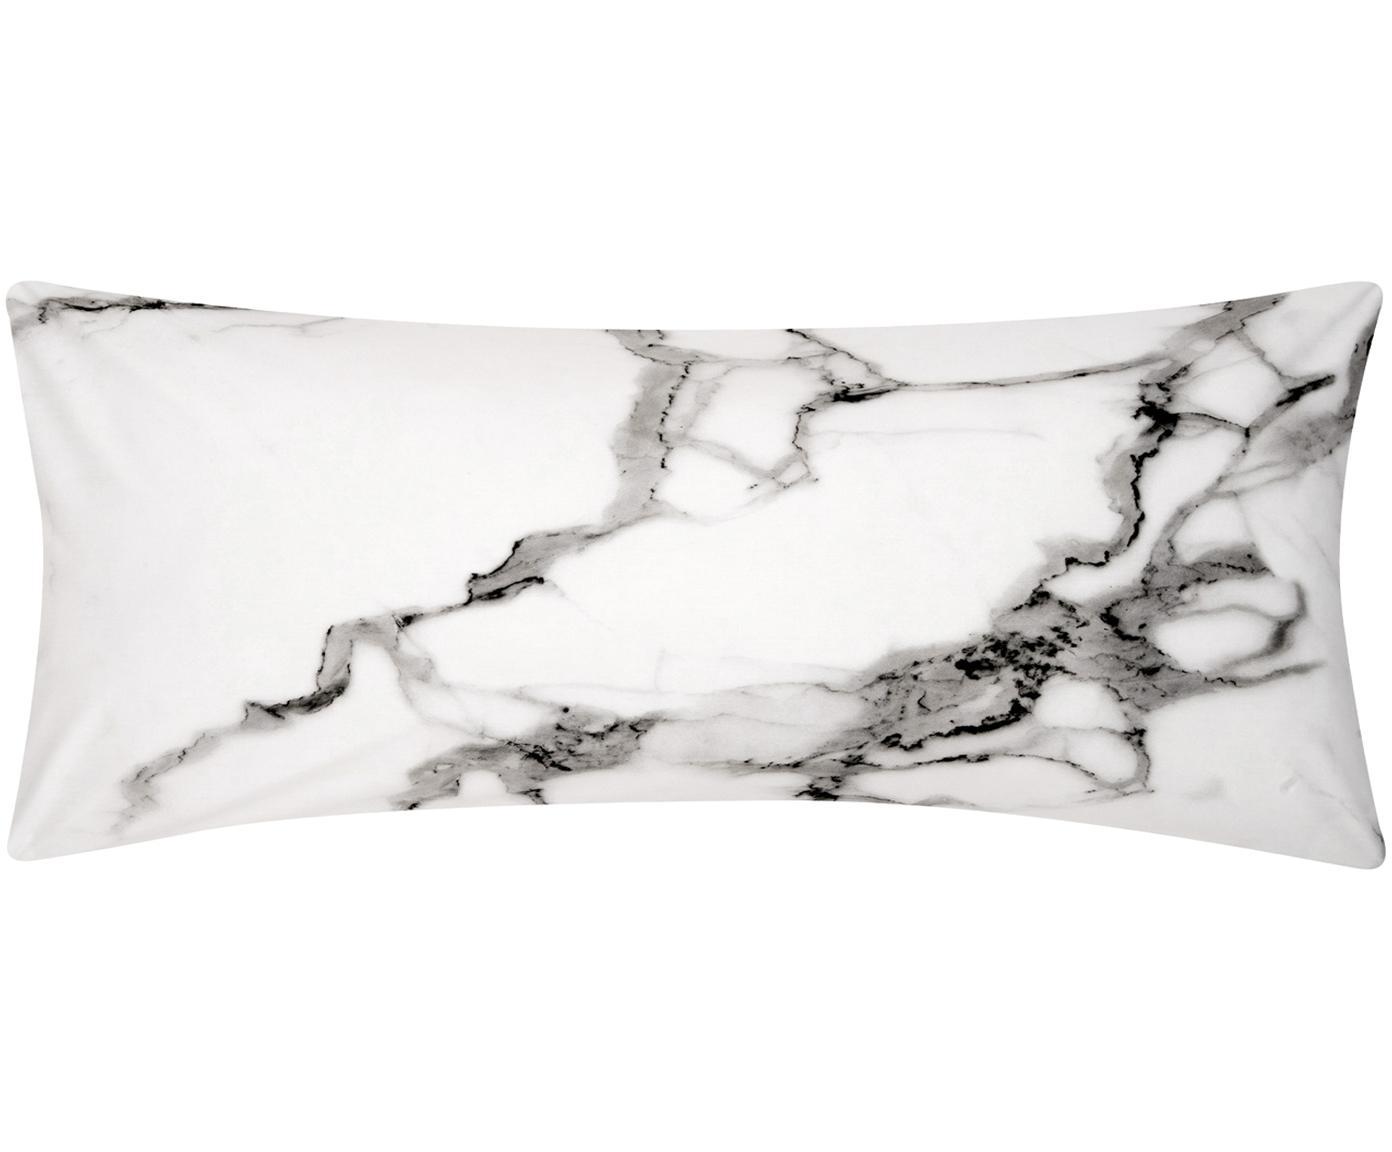 Funda de almohada de percal Malin, caras distintas, Gris, mármol gris, An 45 x L 110 cm